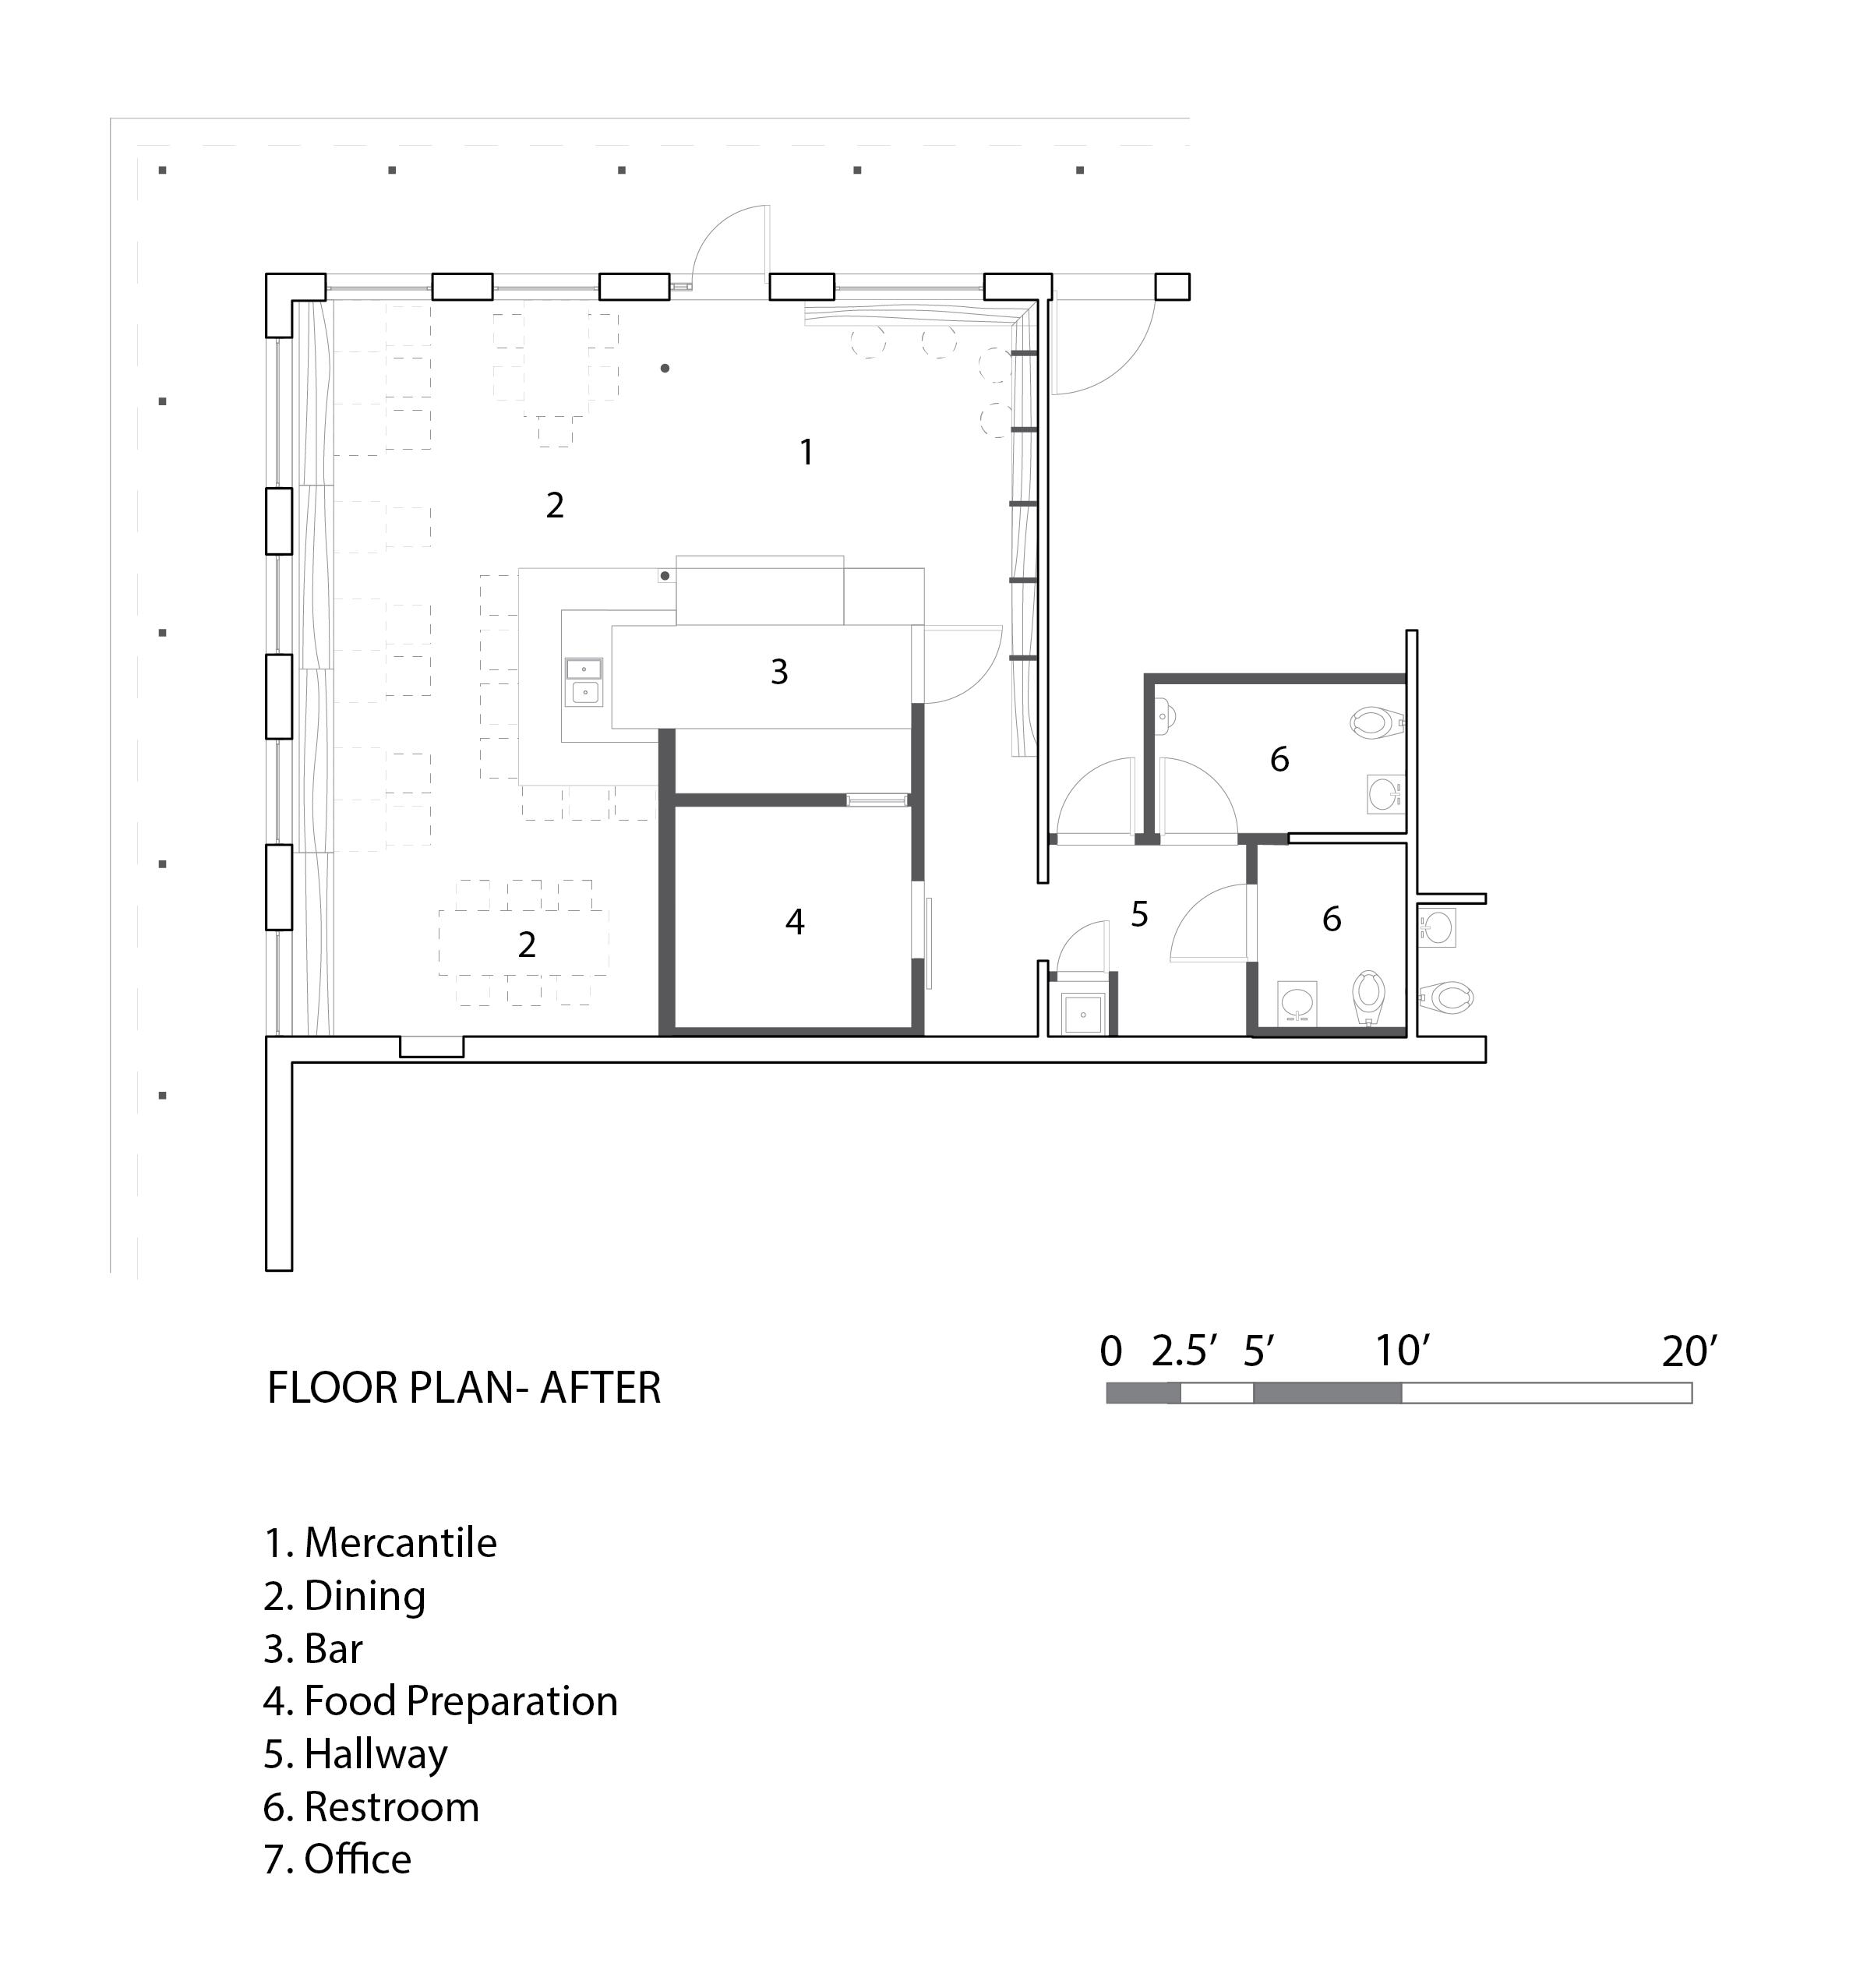 henris floor plan after.png